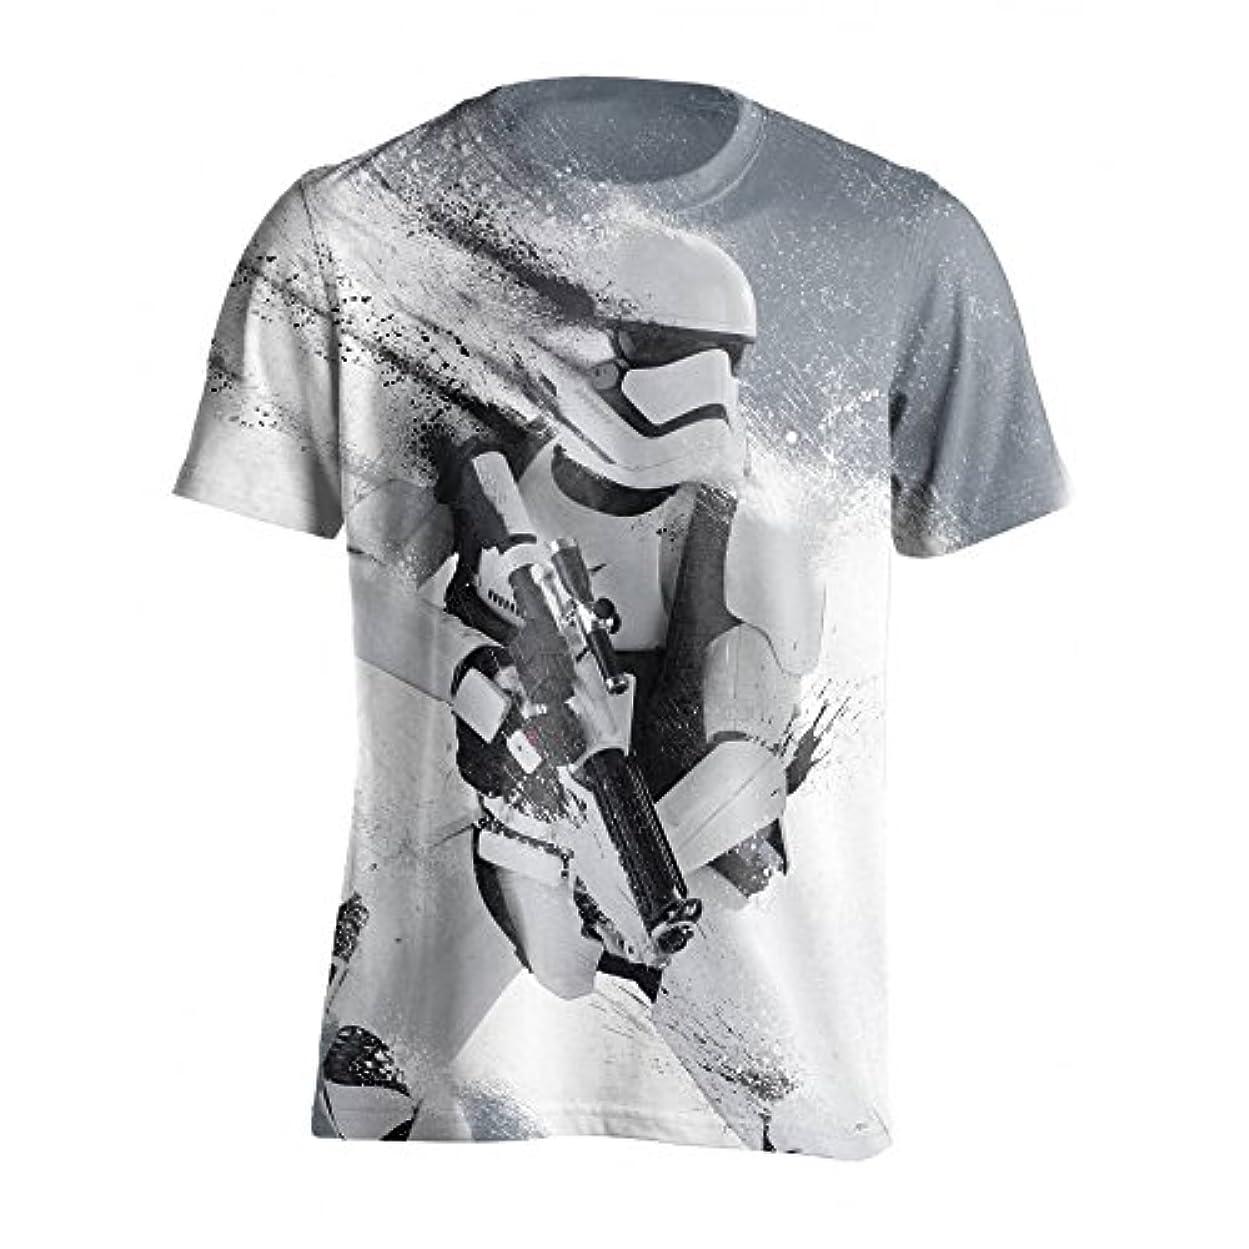 遠近法交渉するタイヤ(スター?ウォーズ) Star Wars オフィシャル商品 メンズ ストーム?トルーパー フェイド 半袖 Tシャツ